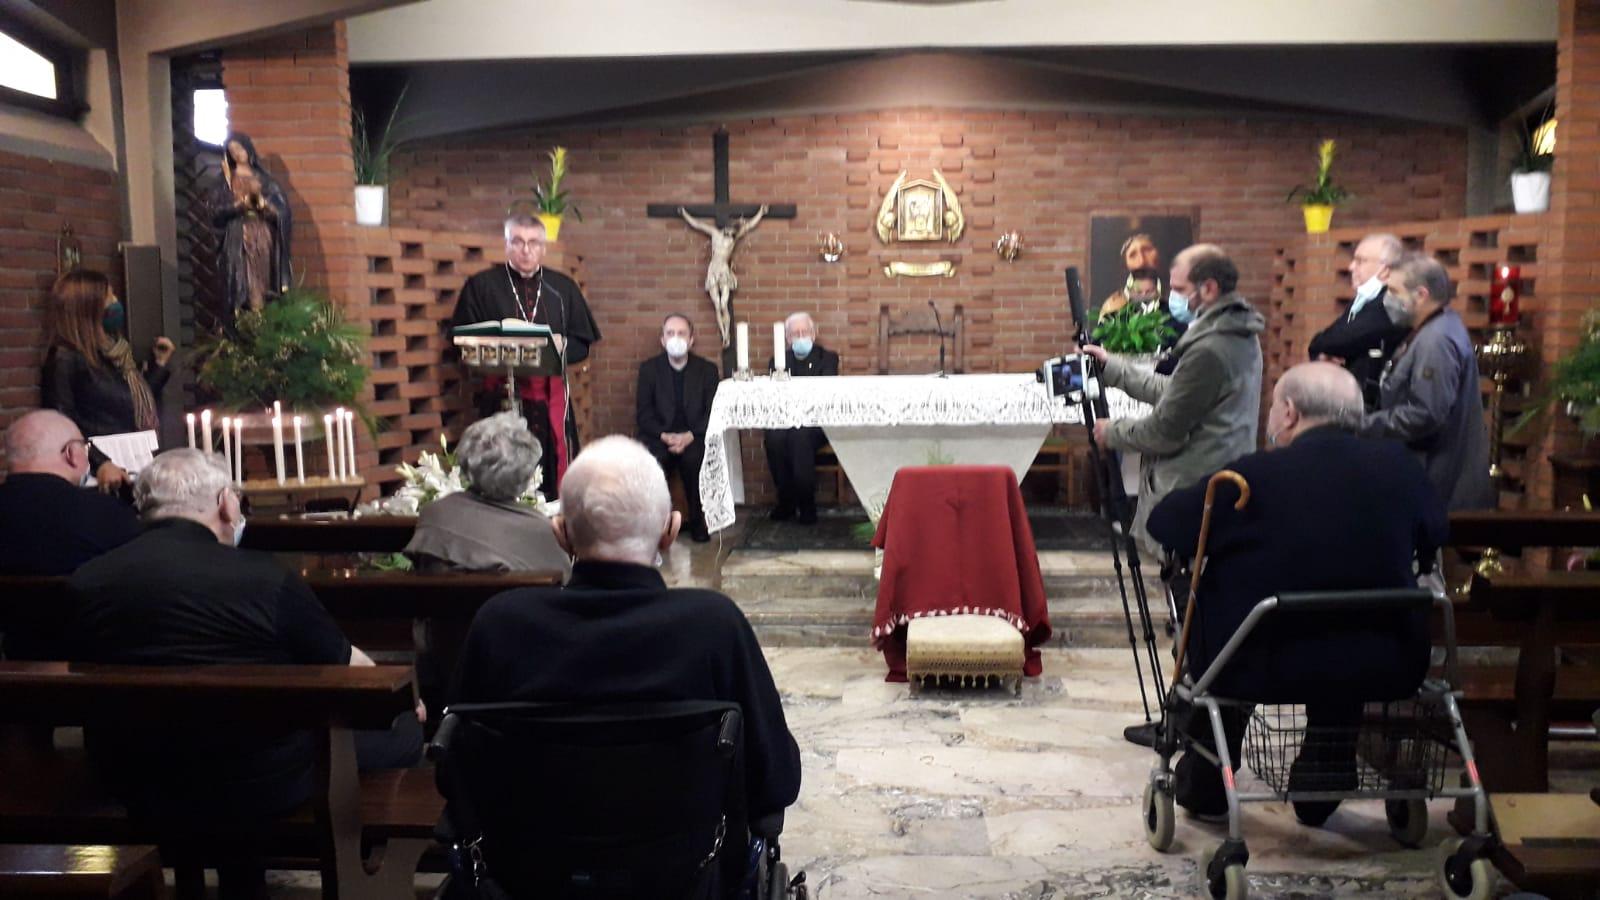 Pranzo alla Residenza Cerati con Monsignor Cevolotto, Vescovo della Diocesi Piacenza-Bobbio.